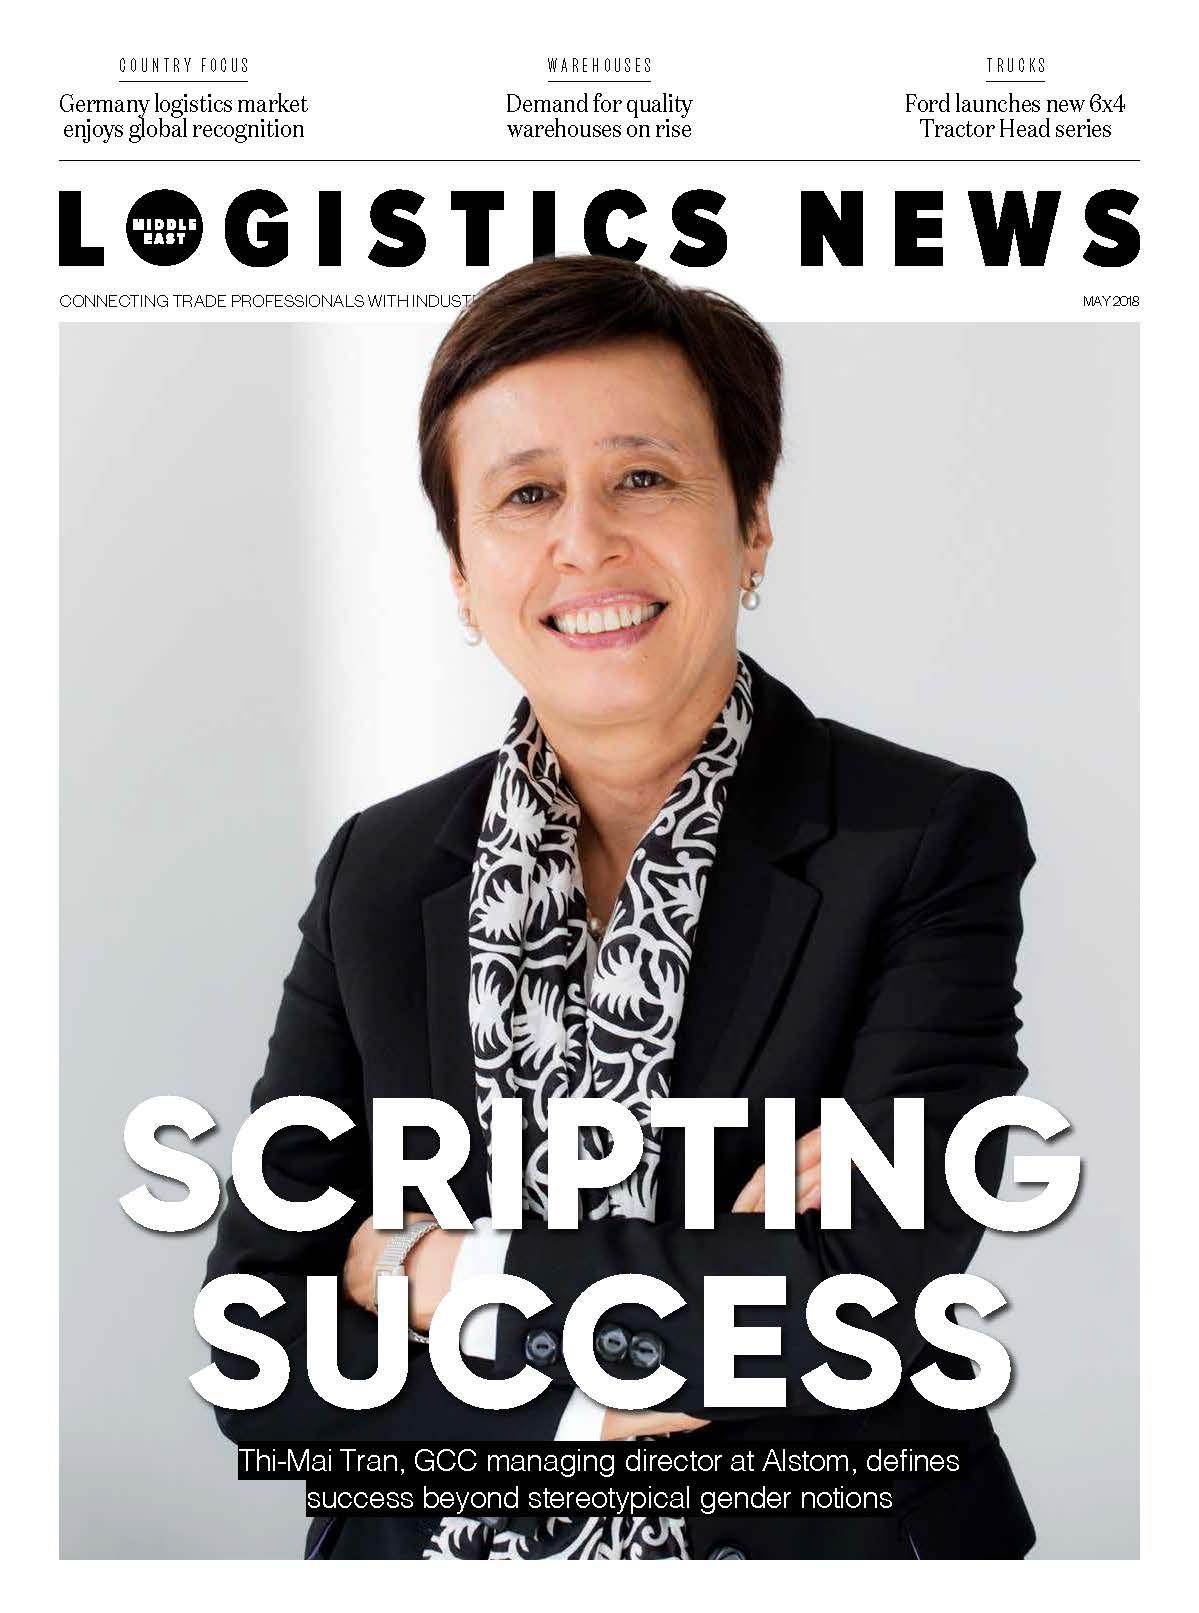 http://www.cbnme.com/magazines/logistics-news-me-may-2018/